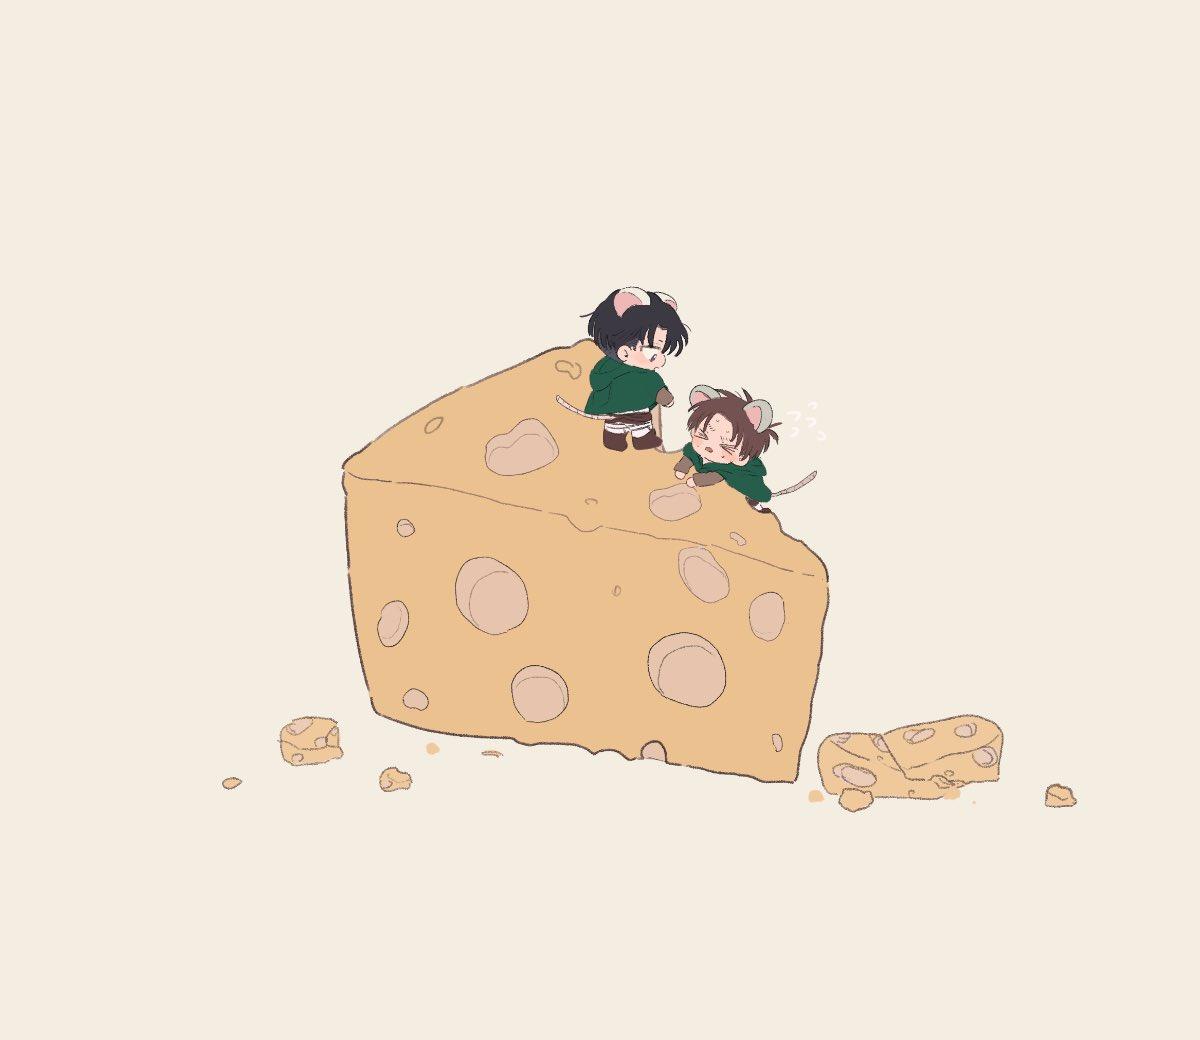 壁外チーズ調査🧀